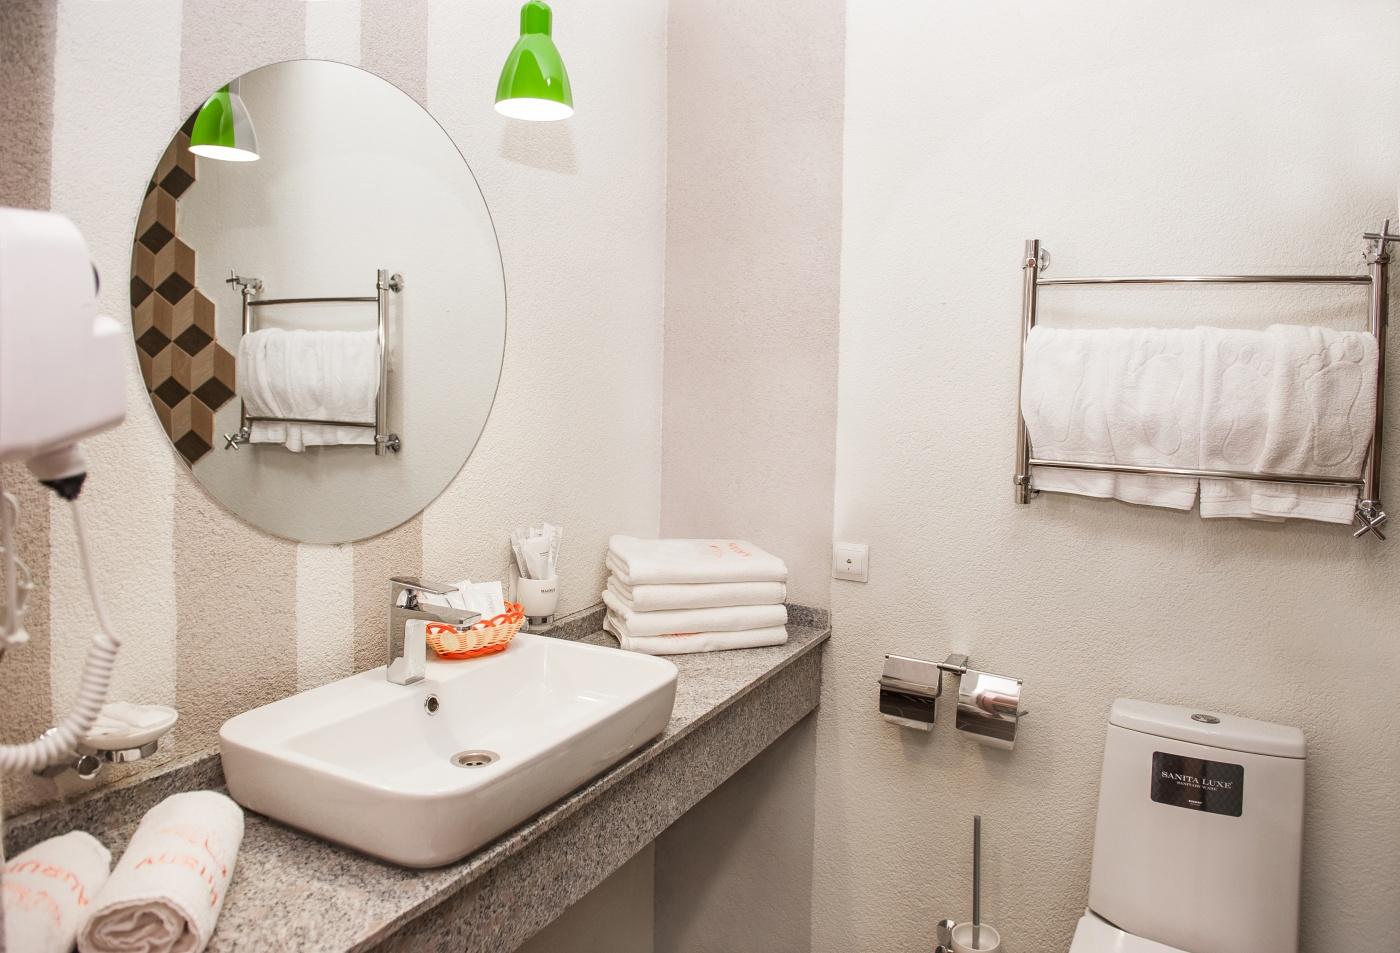 Отель «Aurum Family Resort & Spa» Краснодарский край Apartments 2-местный 3-комнатный, фото 10